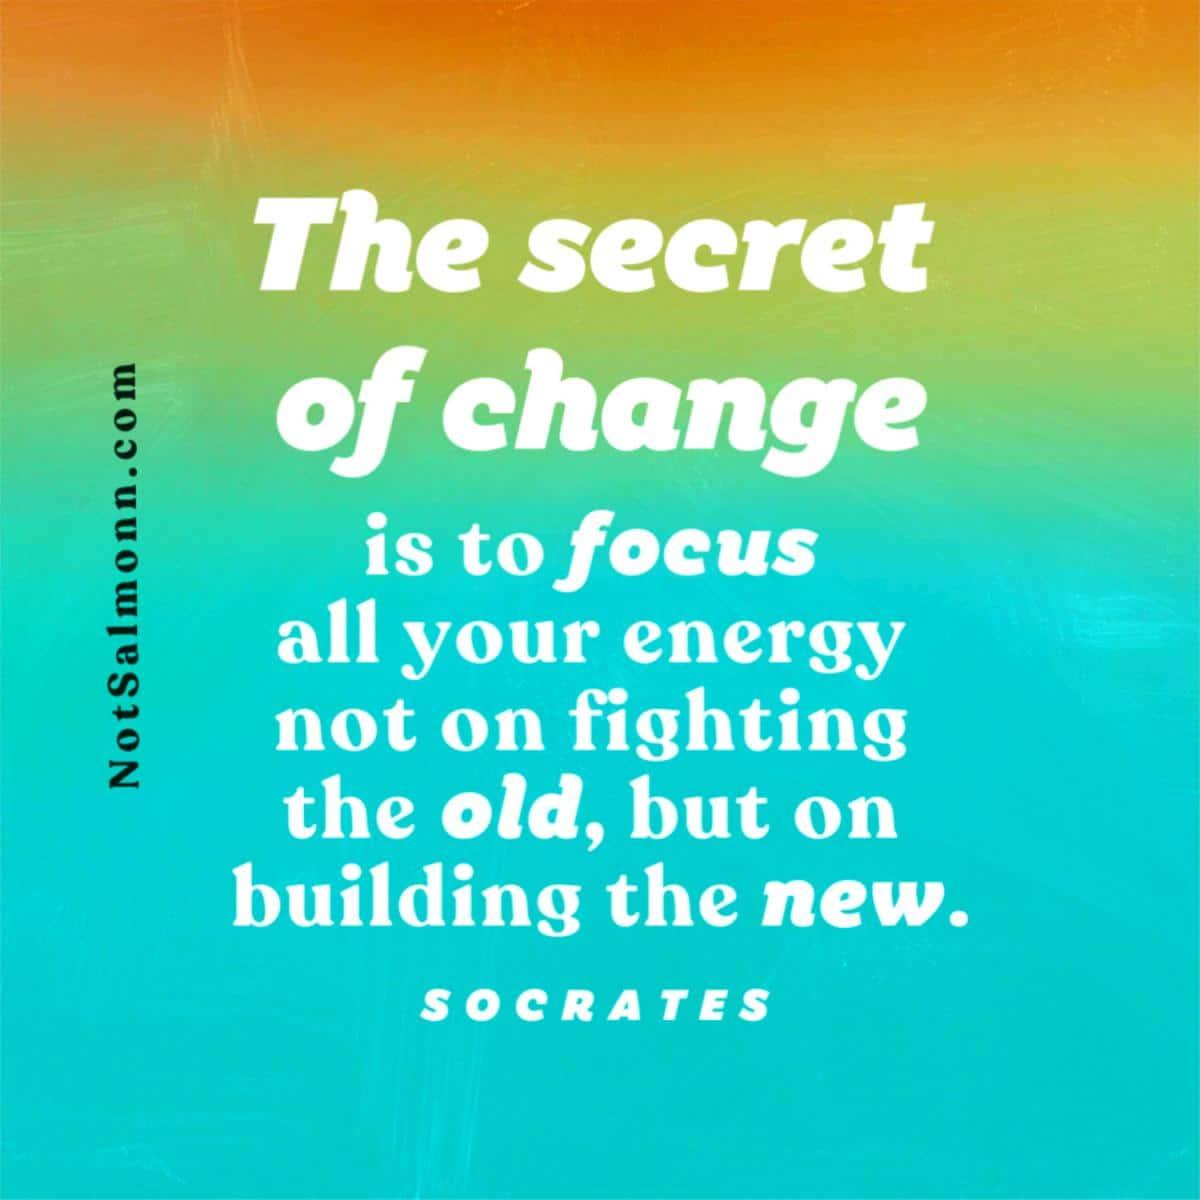 quote socrates secret of change